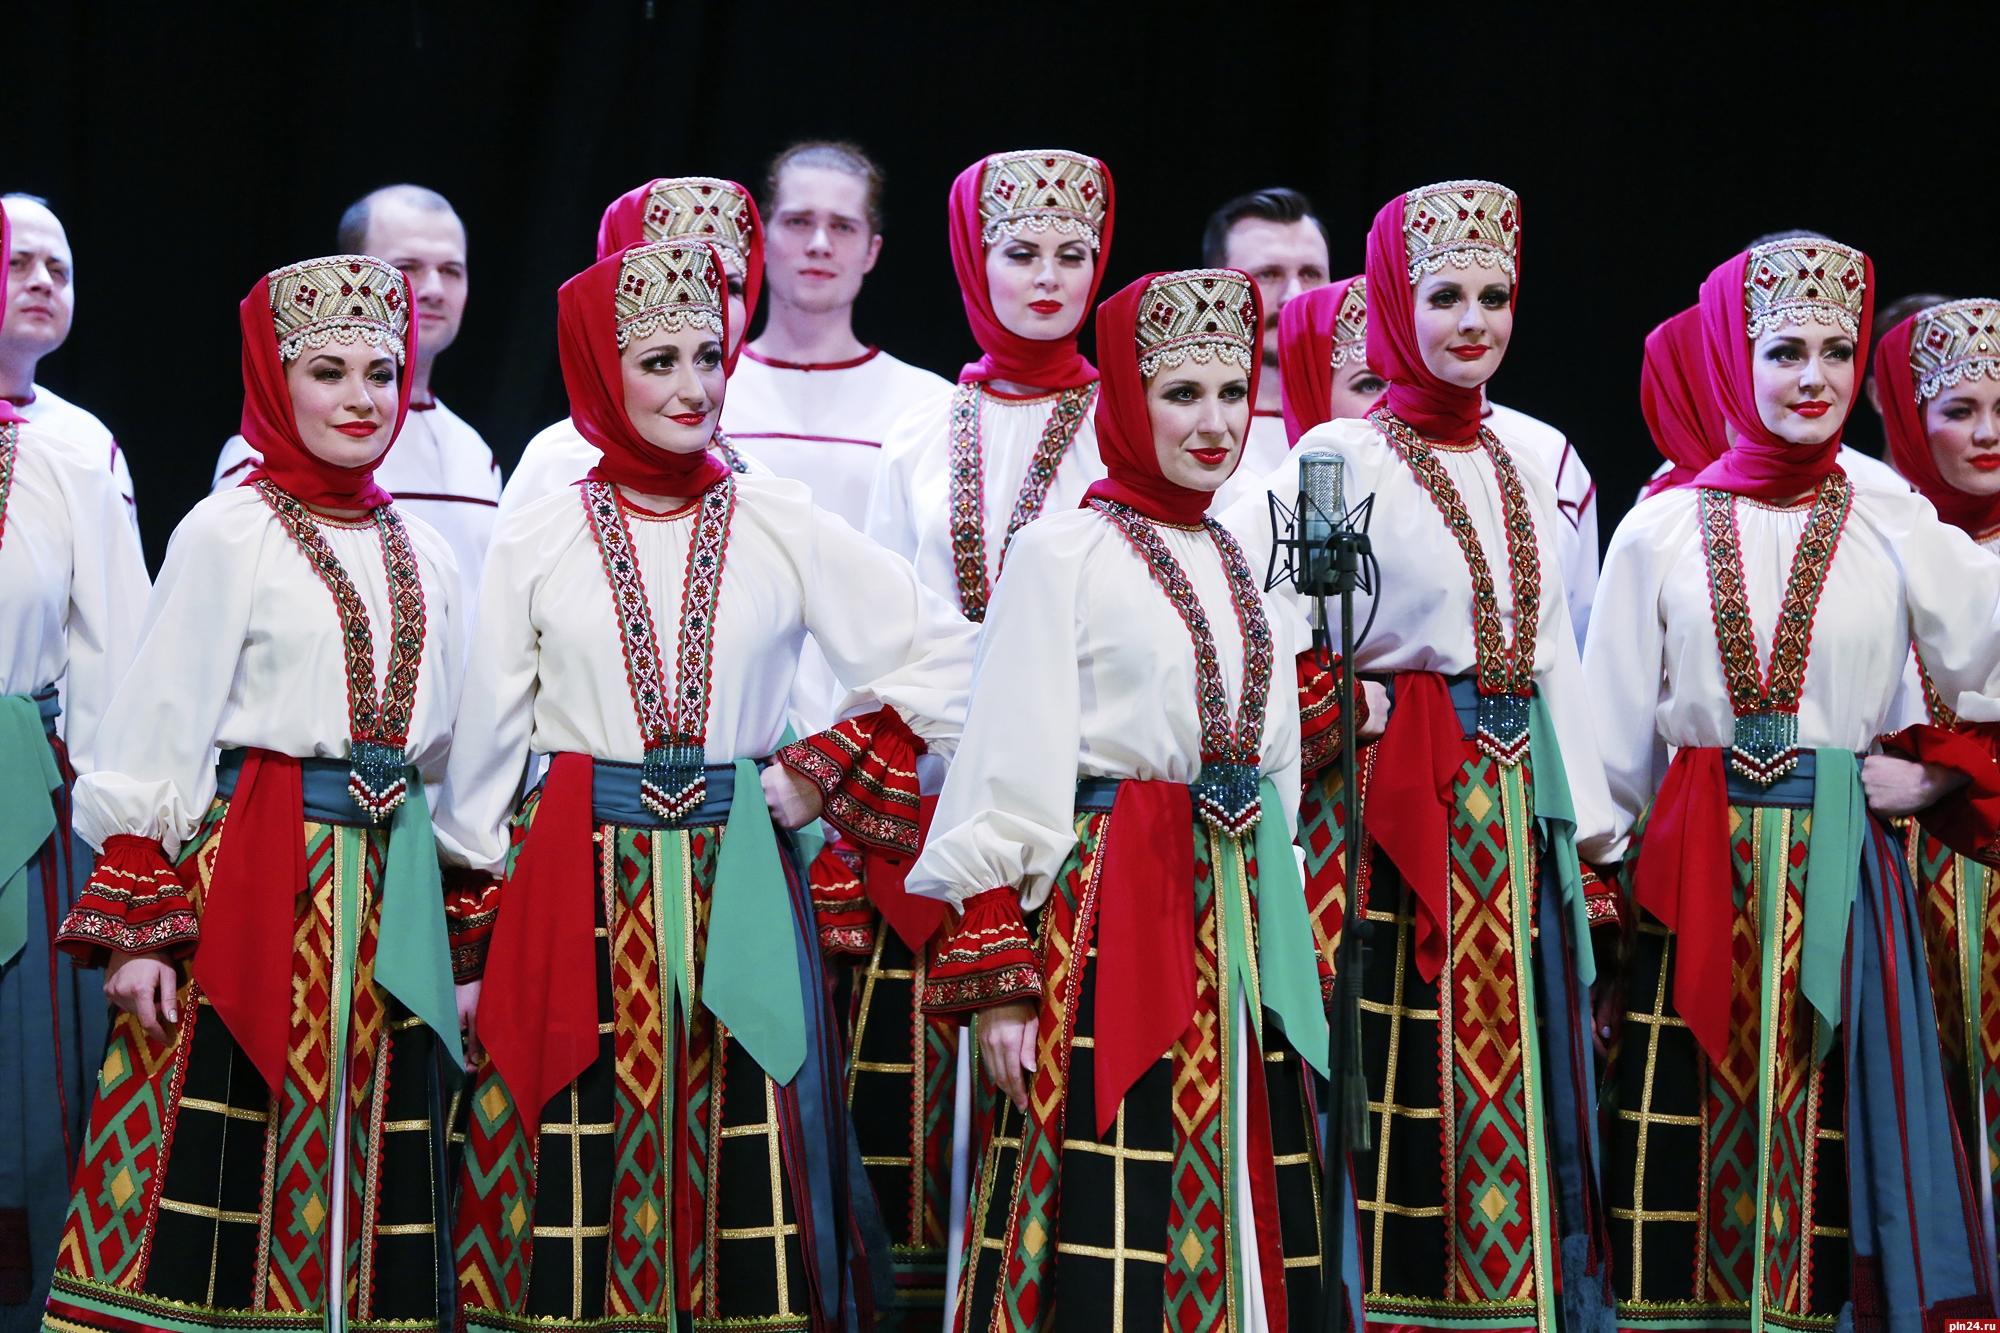 русский народный хор имени пятницкого картинки вопросом, чем носить